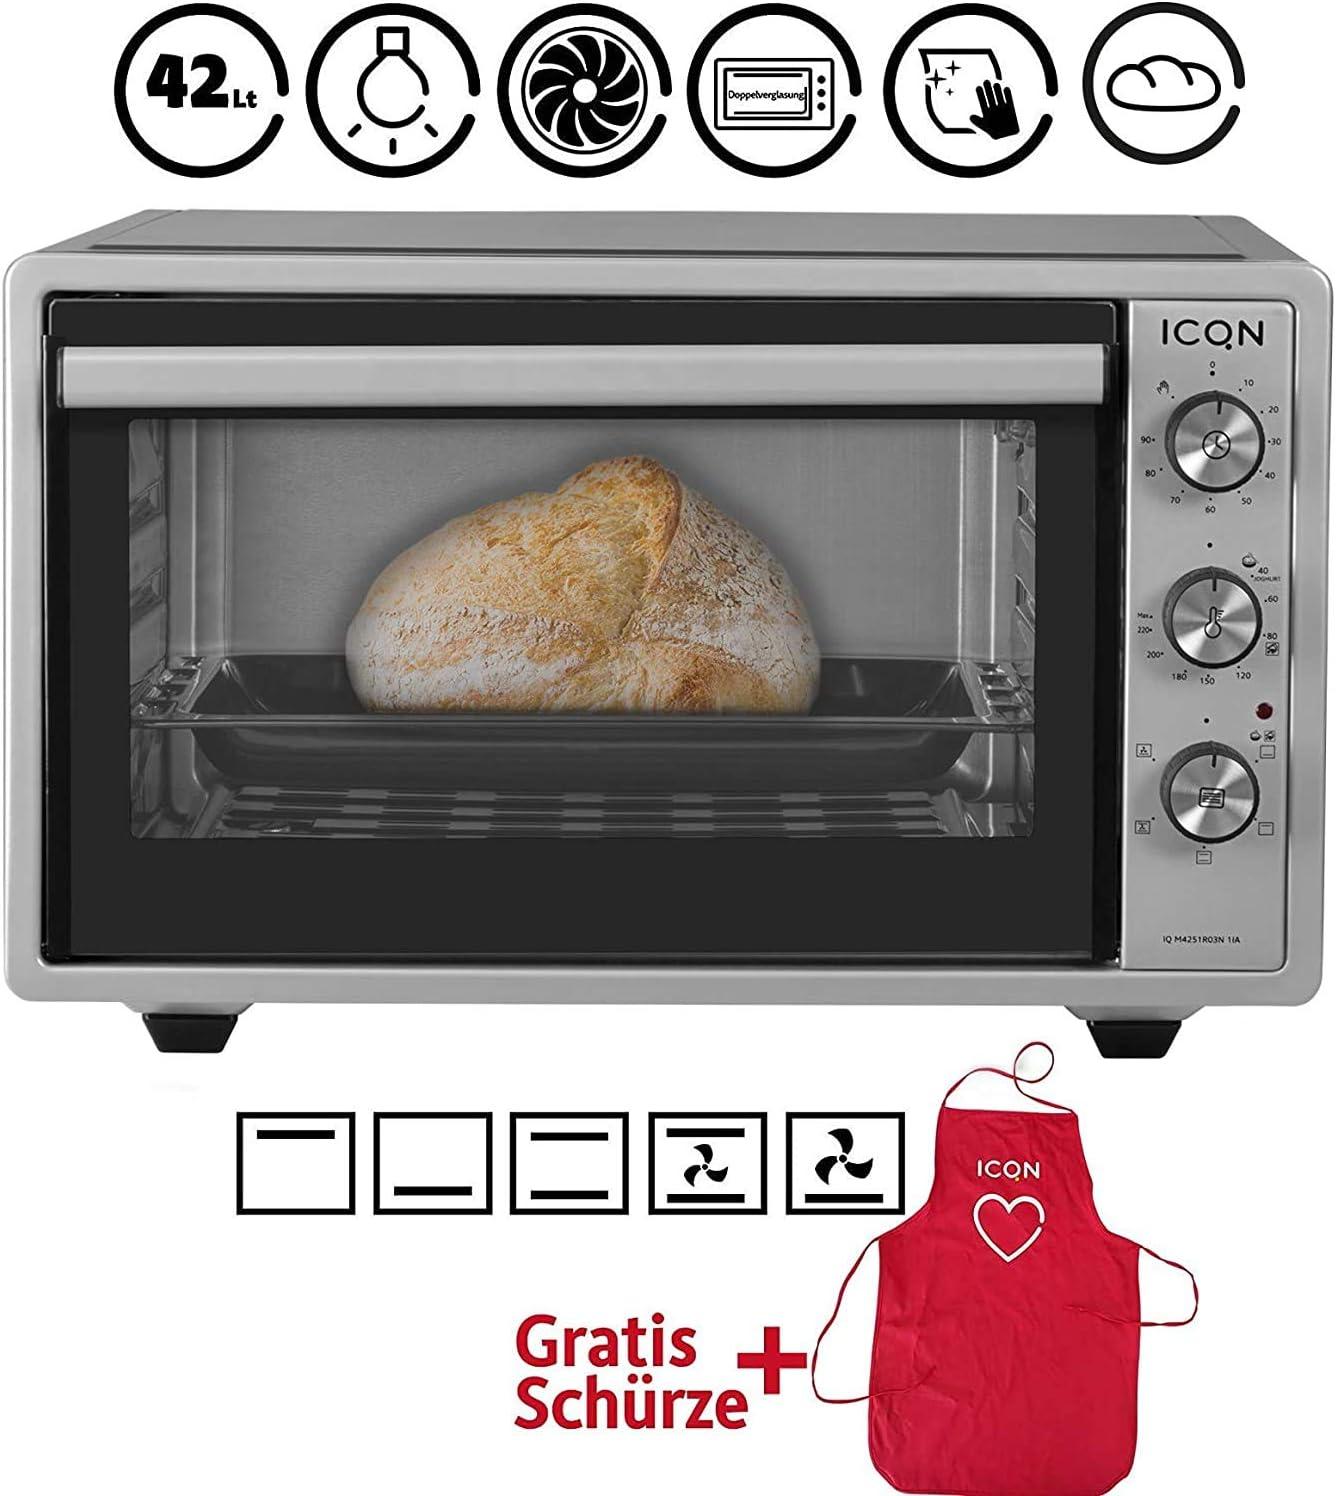 ICQN mini horno con aire forzado | Horno de pizza | Mini horno | Iluminación interior Doble acristalamiento | Función de temporizador | Esmaltado (Inox gris, 42 litros)